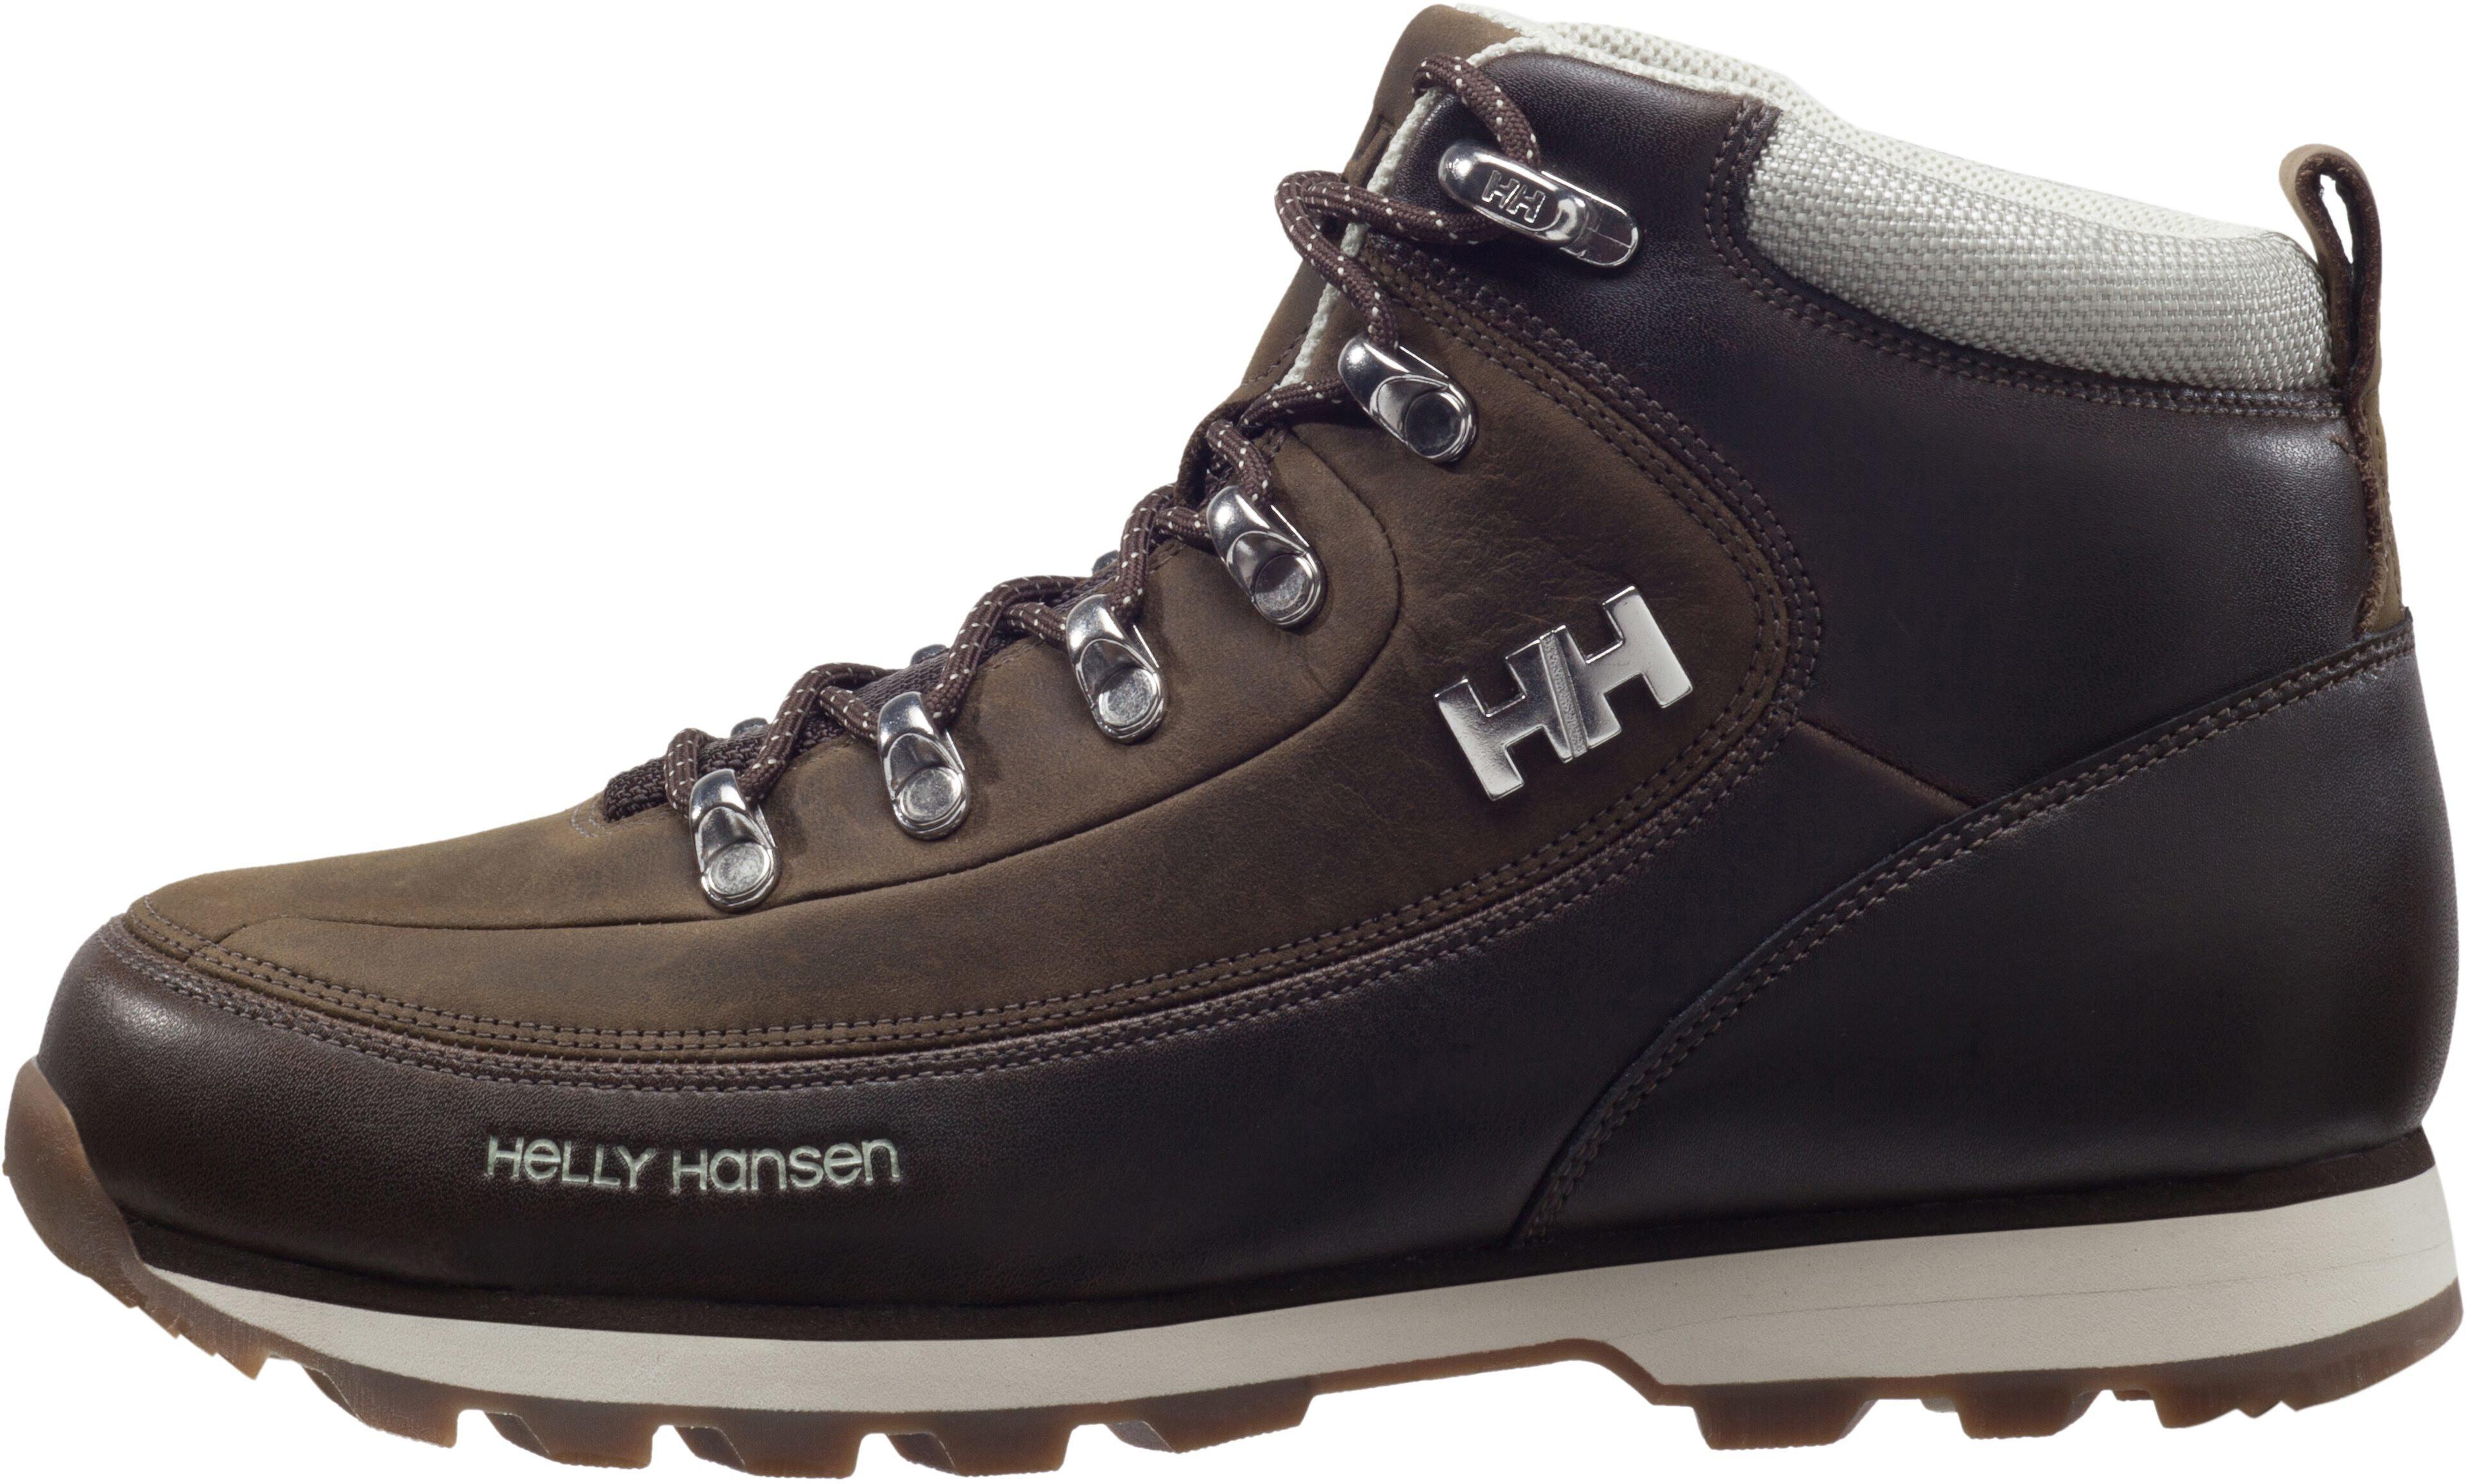 e5b33c2243a Helly Hansen The Forester Sko Damer brun | Find outdoortøj, sko ...